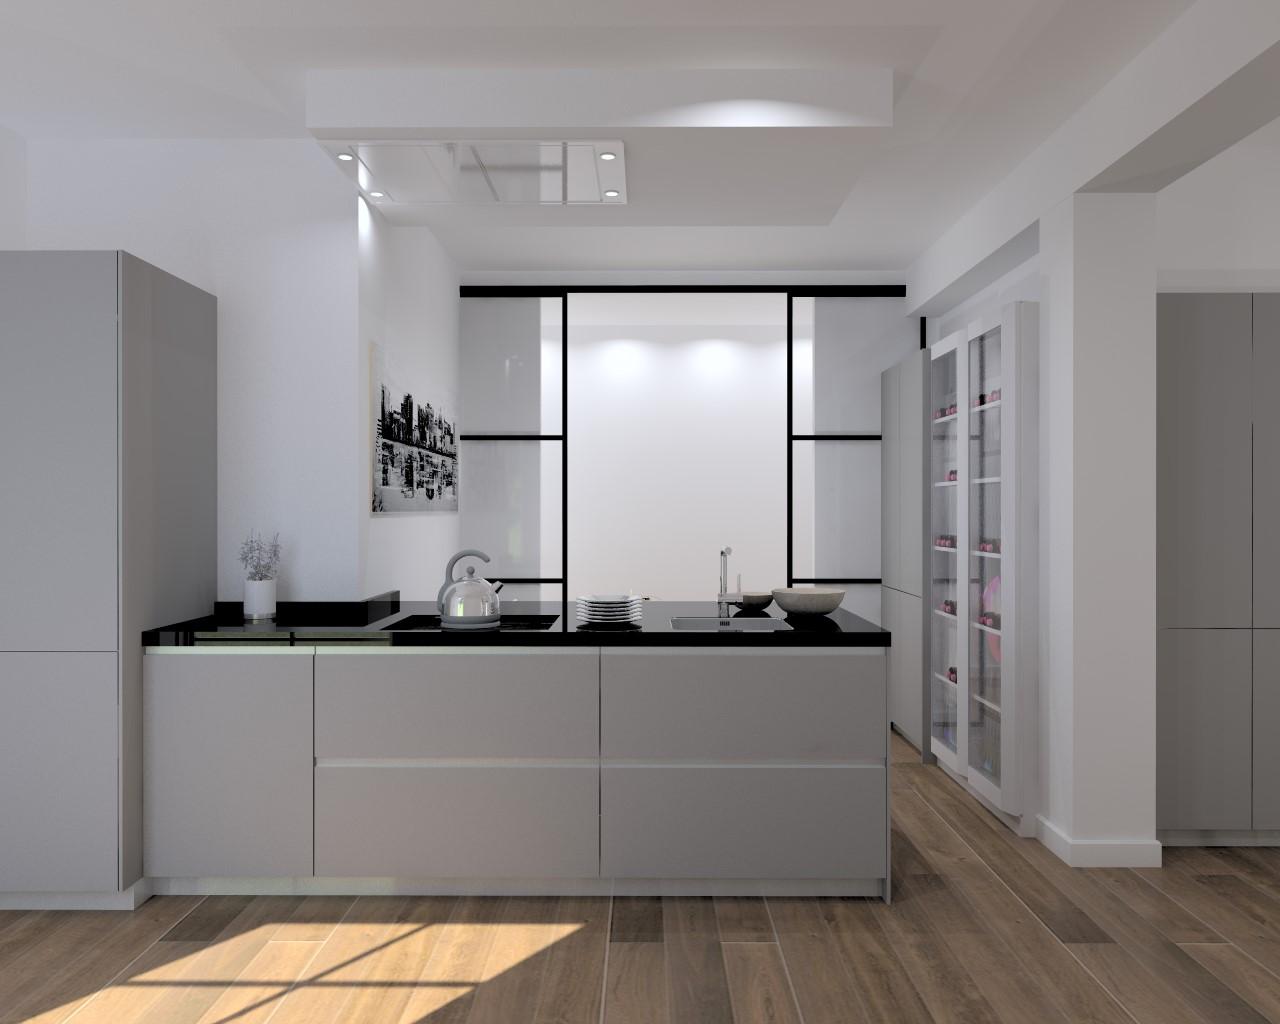 Cocina santos modelo line laminado antihuella gris vis n for Encimera de granito gris